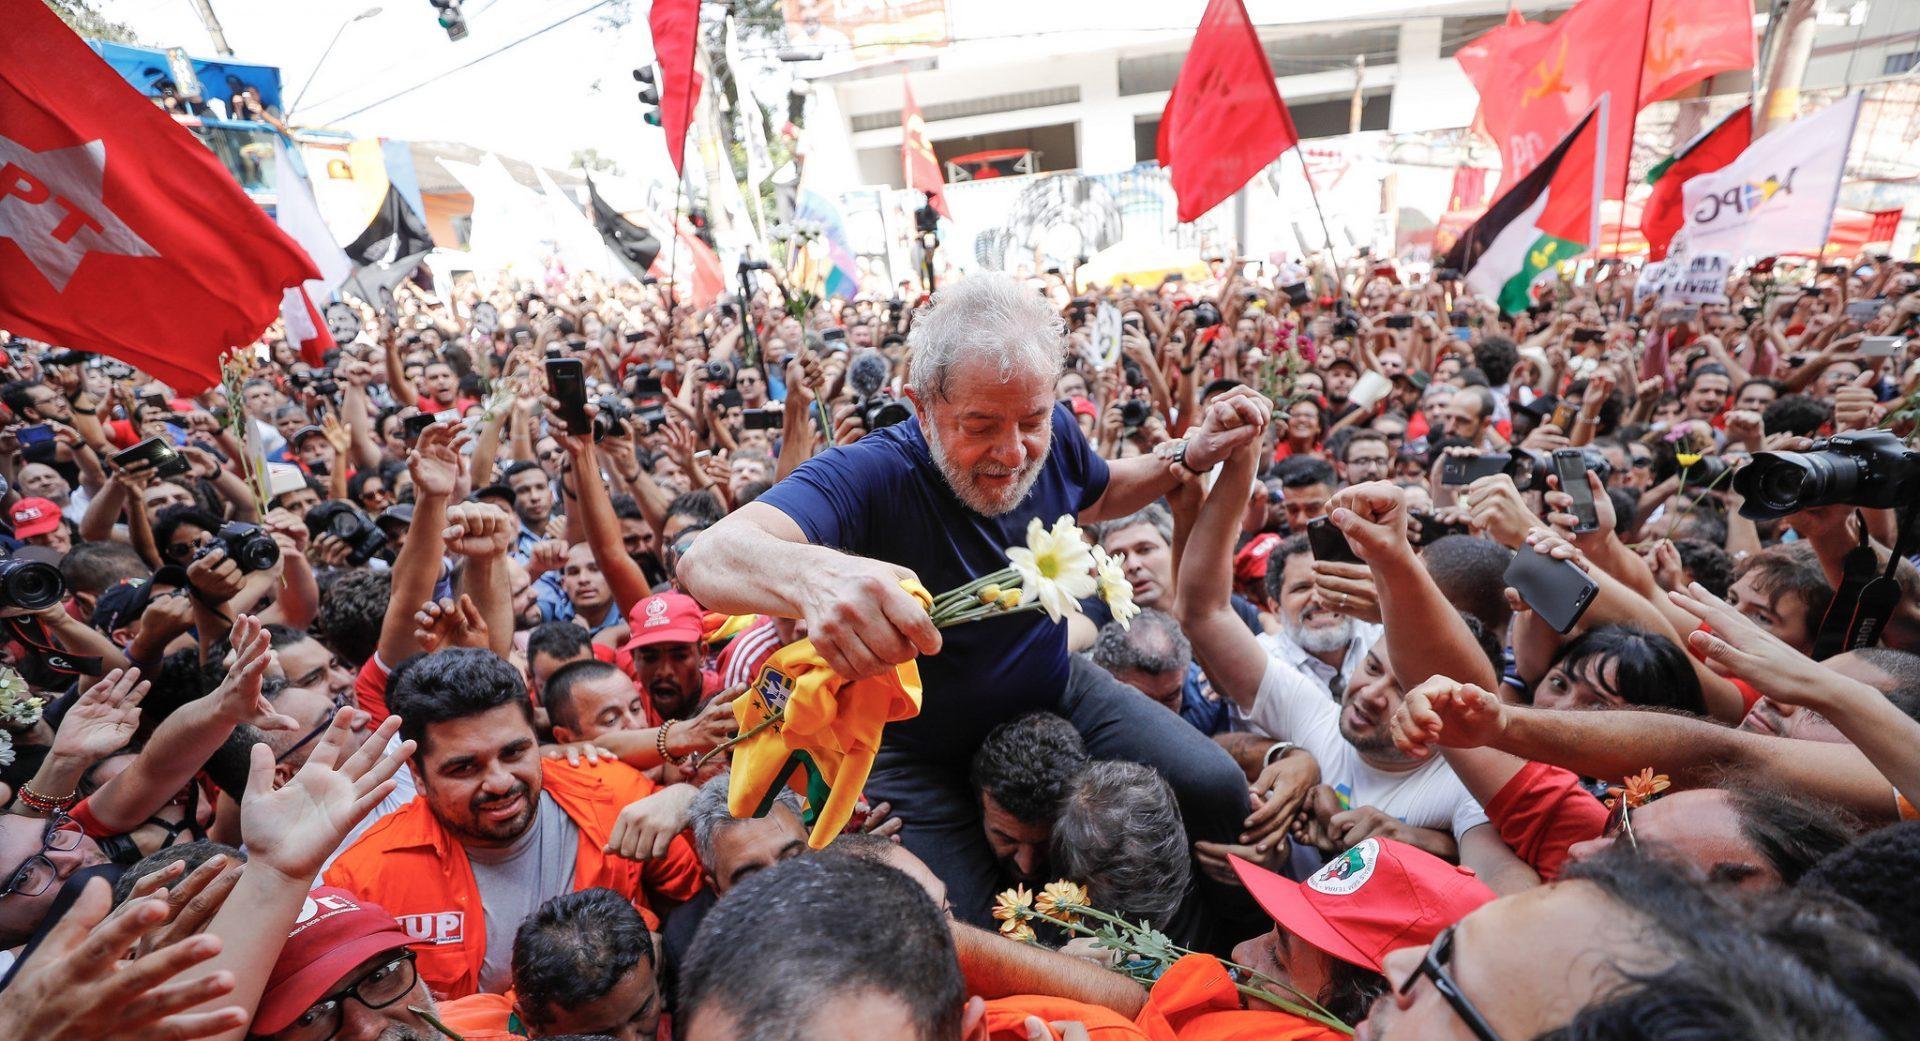 Acompanhe as movimentações para a libertação de Lula após decisão do STF